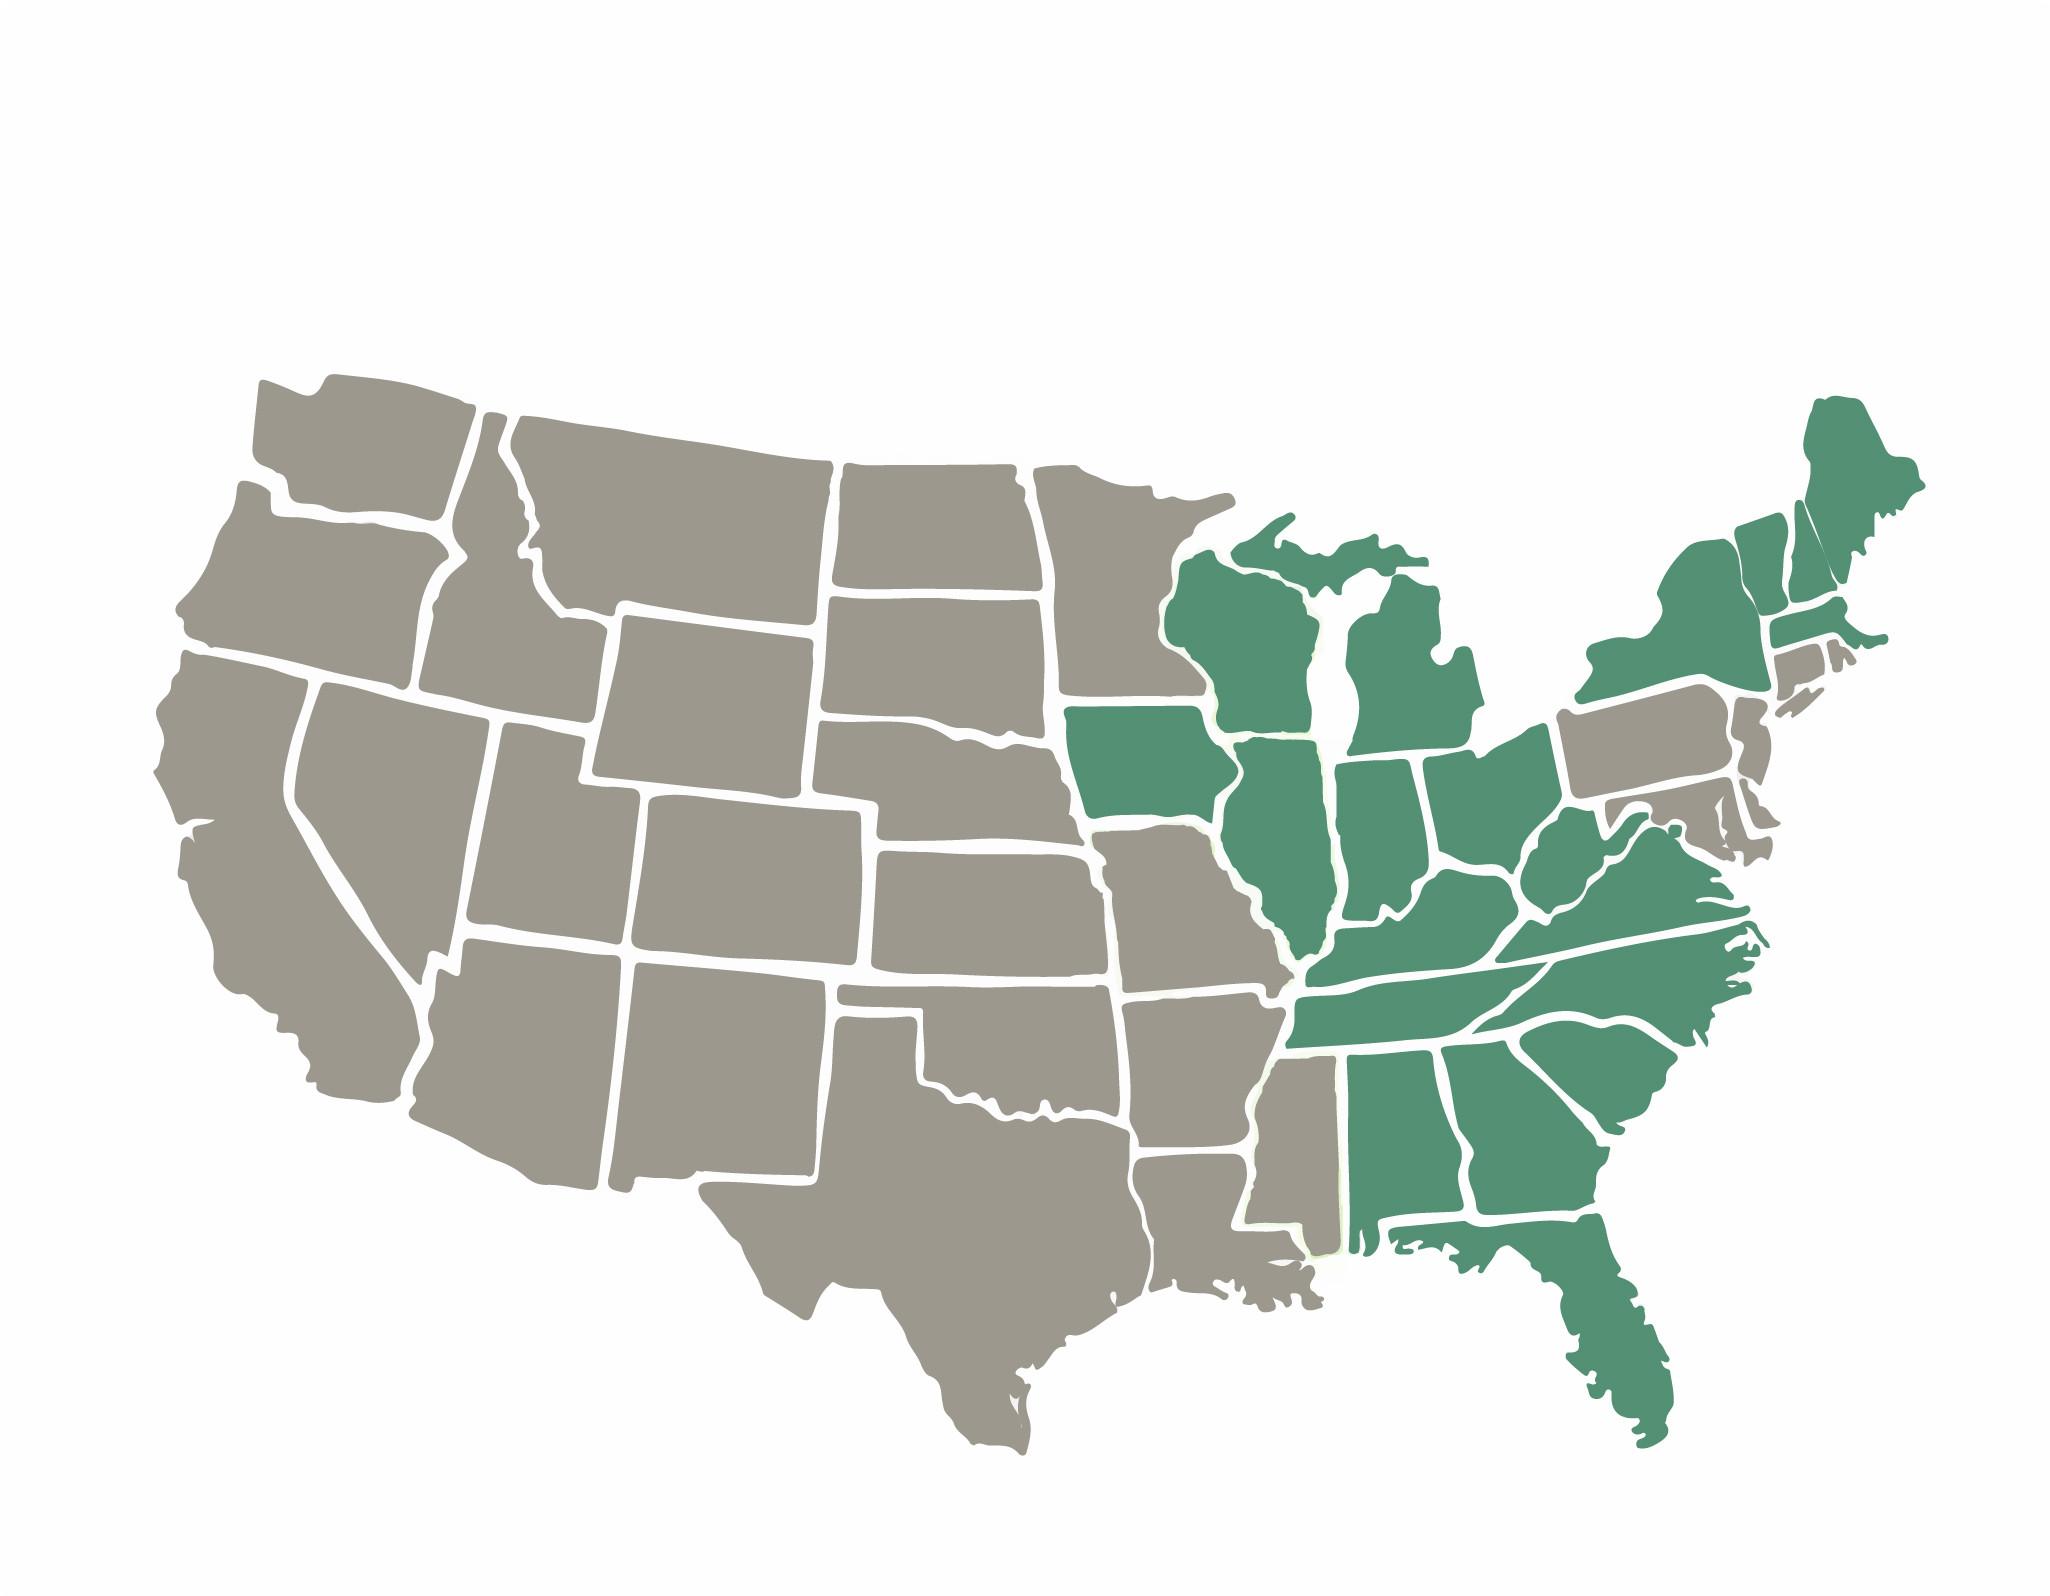 AL, FL, GA, IA, IL, IN, KY, MA, ME, MI, NC, NH, NY, OH, SC, TN, VA, VT, WI, WV